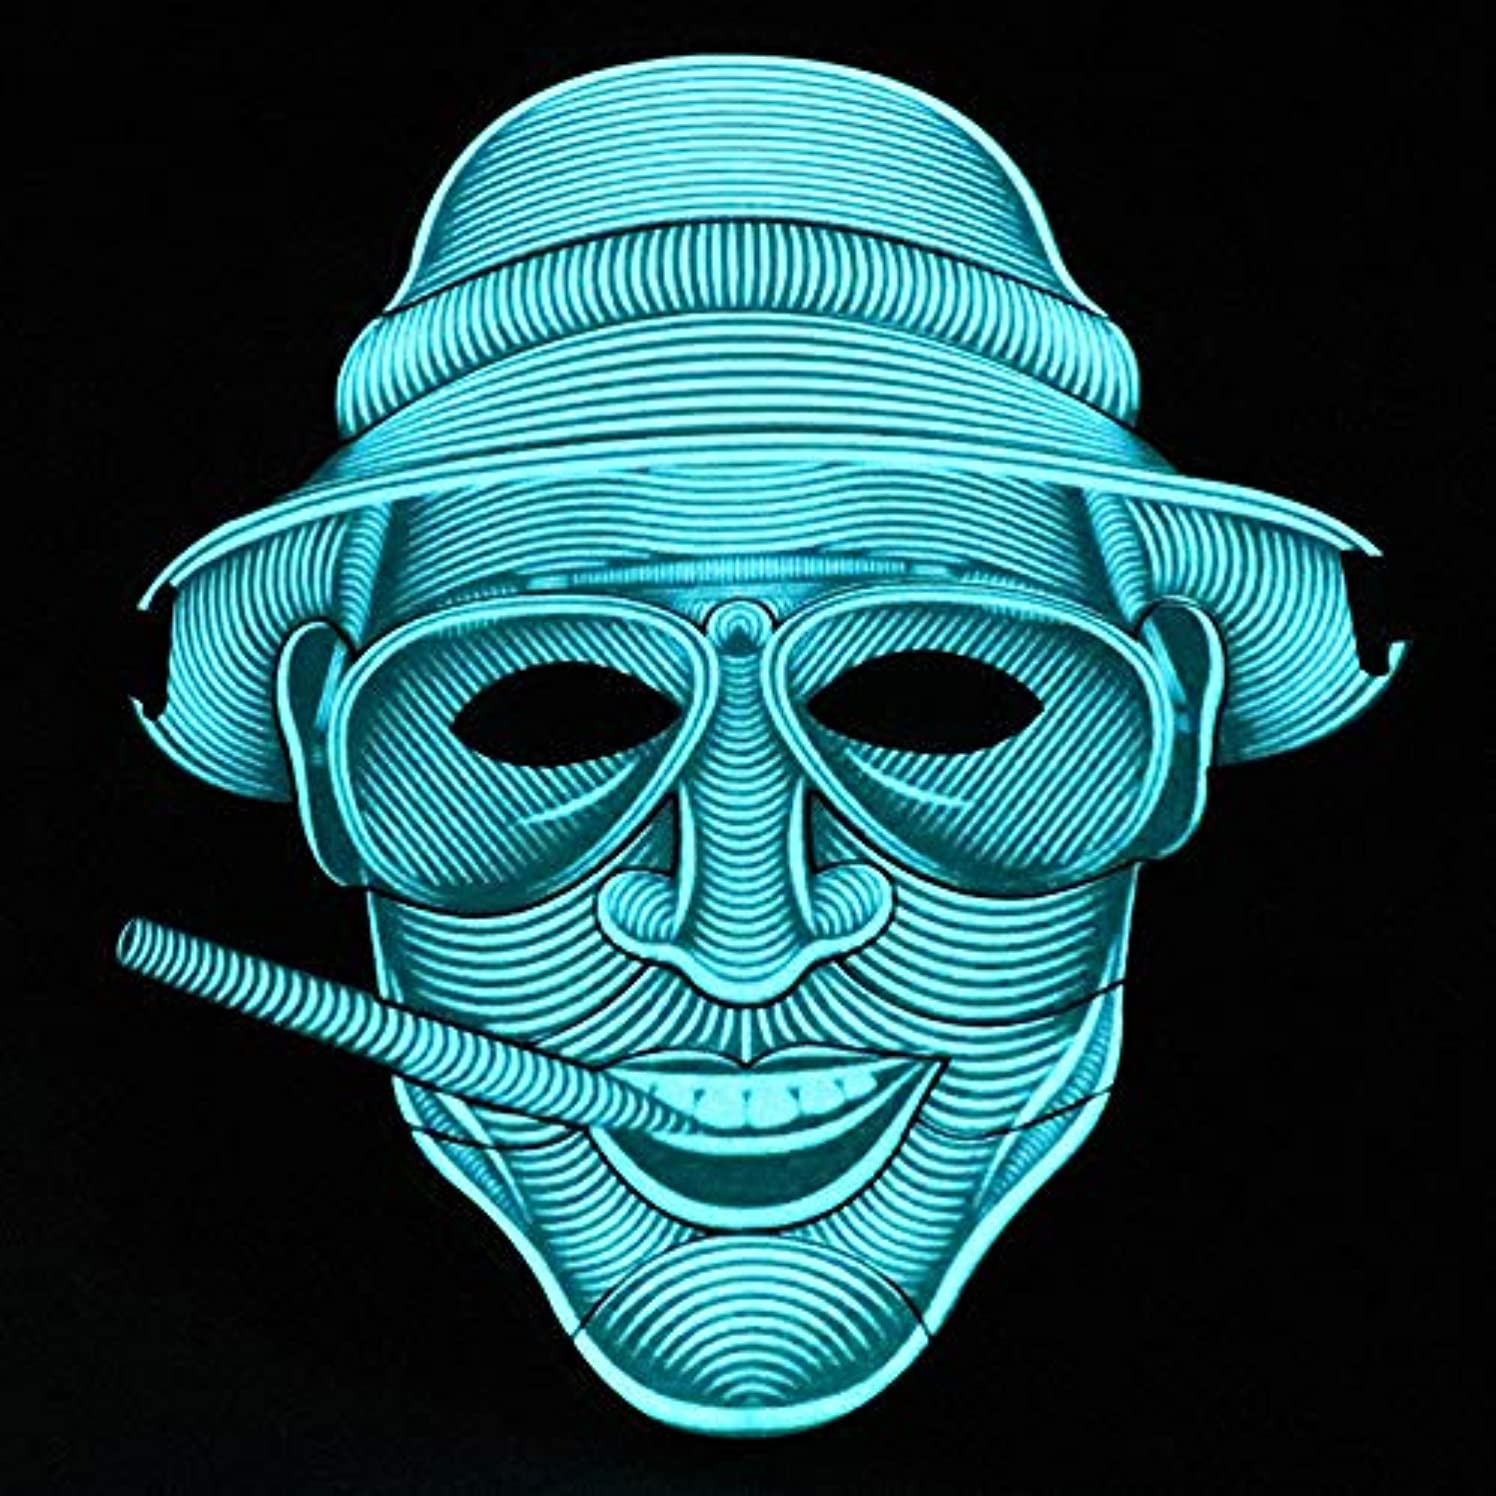 カプラーストライクグラフィック照らされたマスクLED創造的な冷光音響制御マスクハロウィンバーフェスティバルダンスマスク (Color : #17)